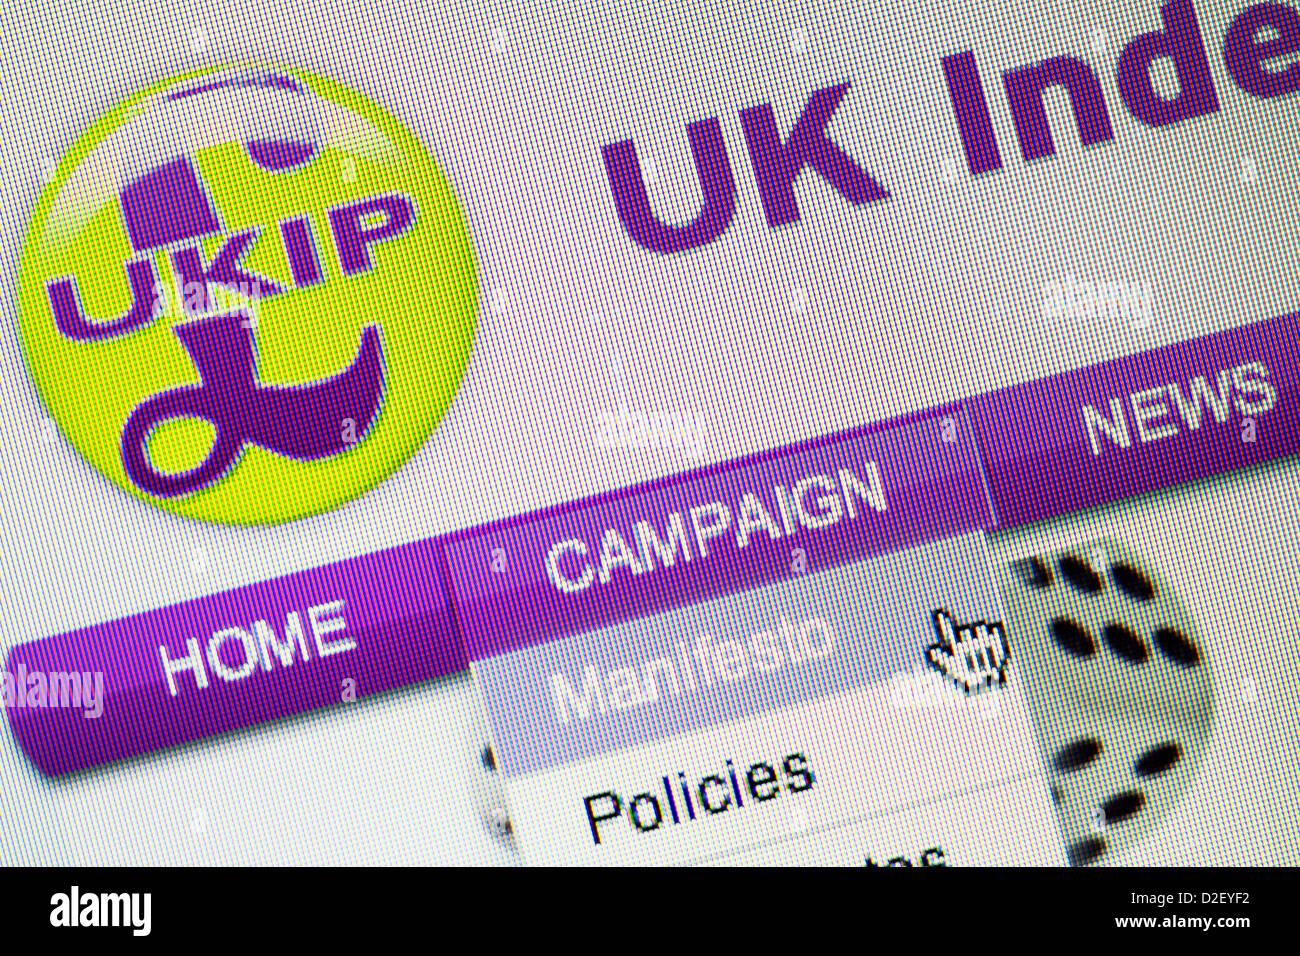 UKIP logo and website close up - Stock Image